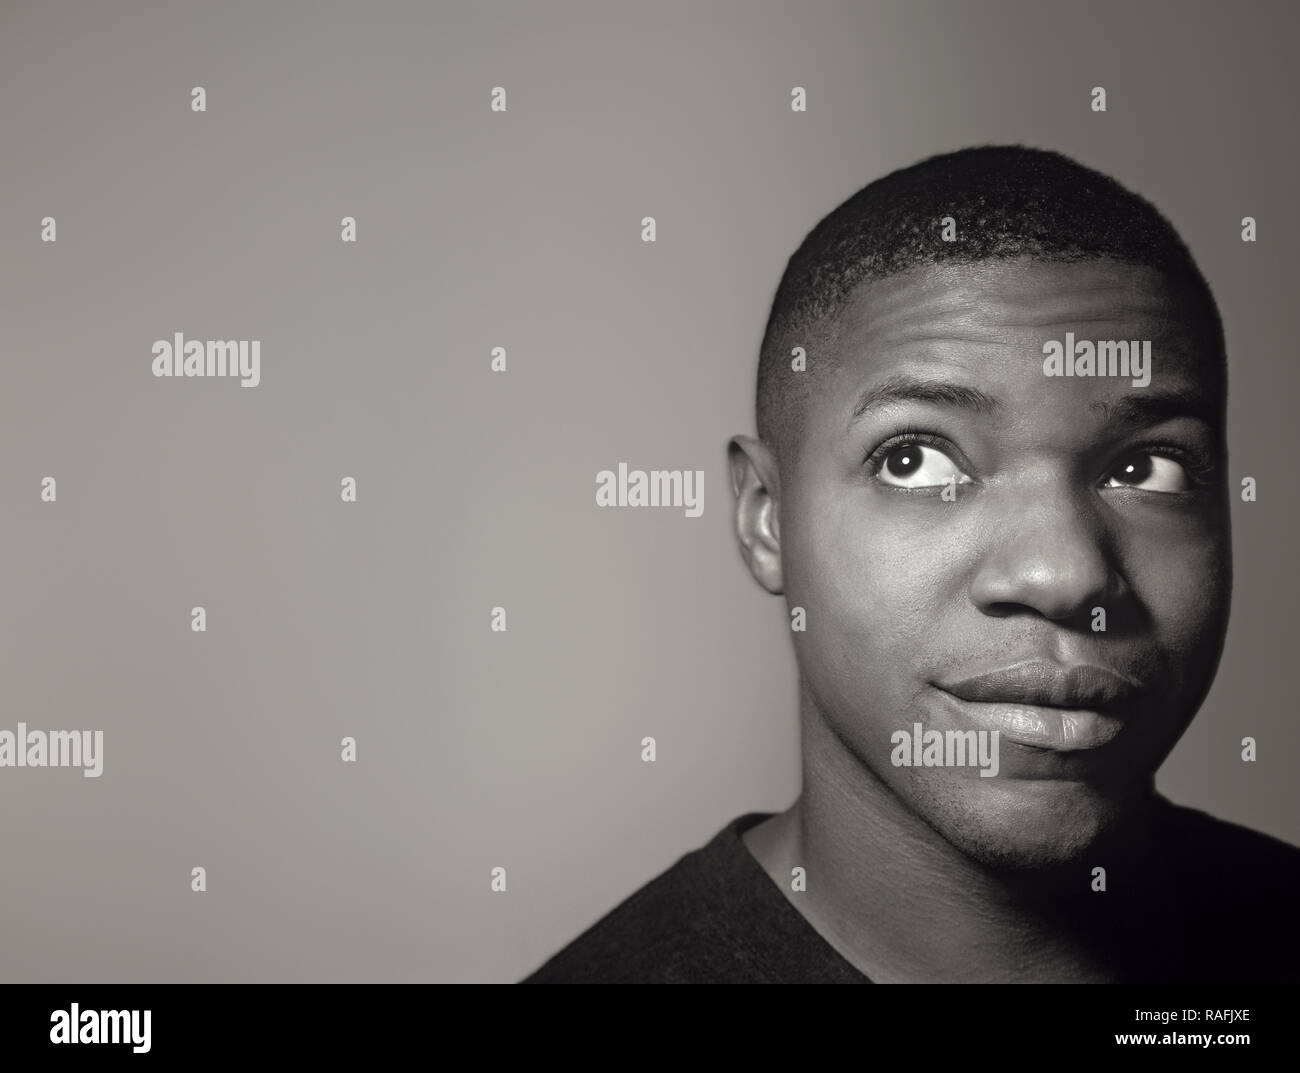 Schwarzer Mann denken über etwas in seinem Geist und seinem Blick nach rechts, der versucht, mit Ideen zu kommen Stockbild